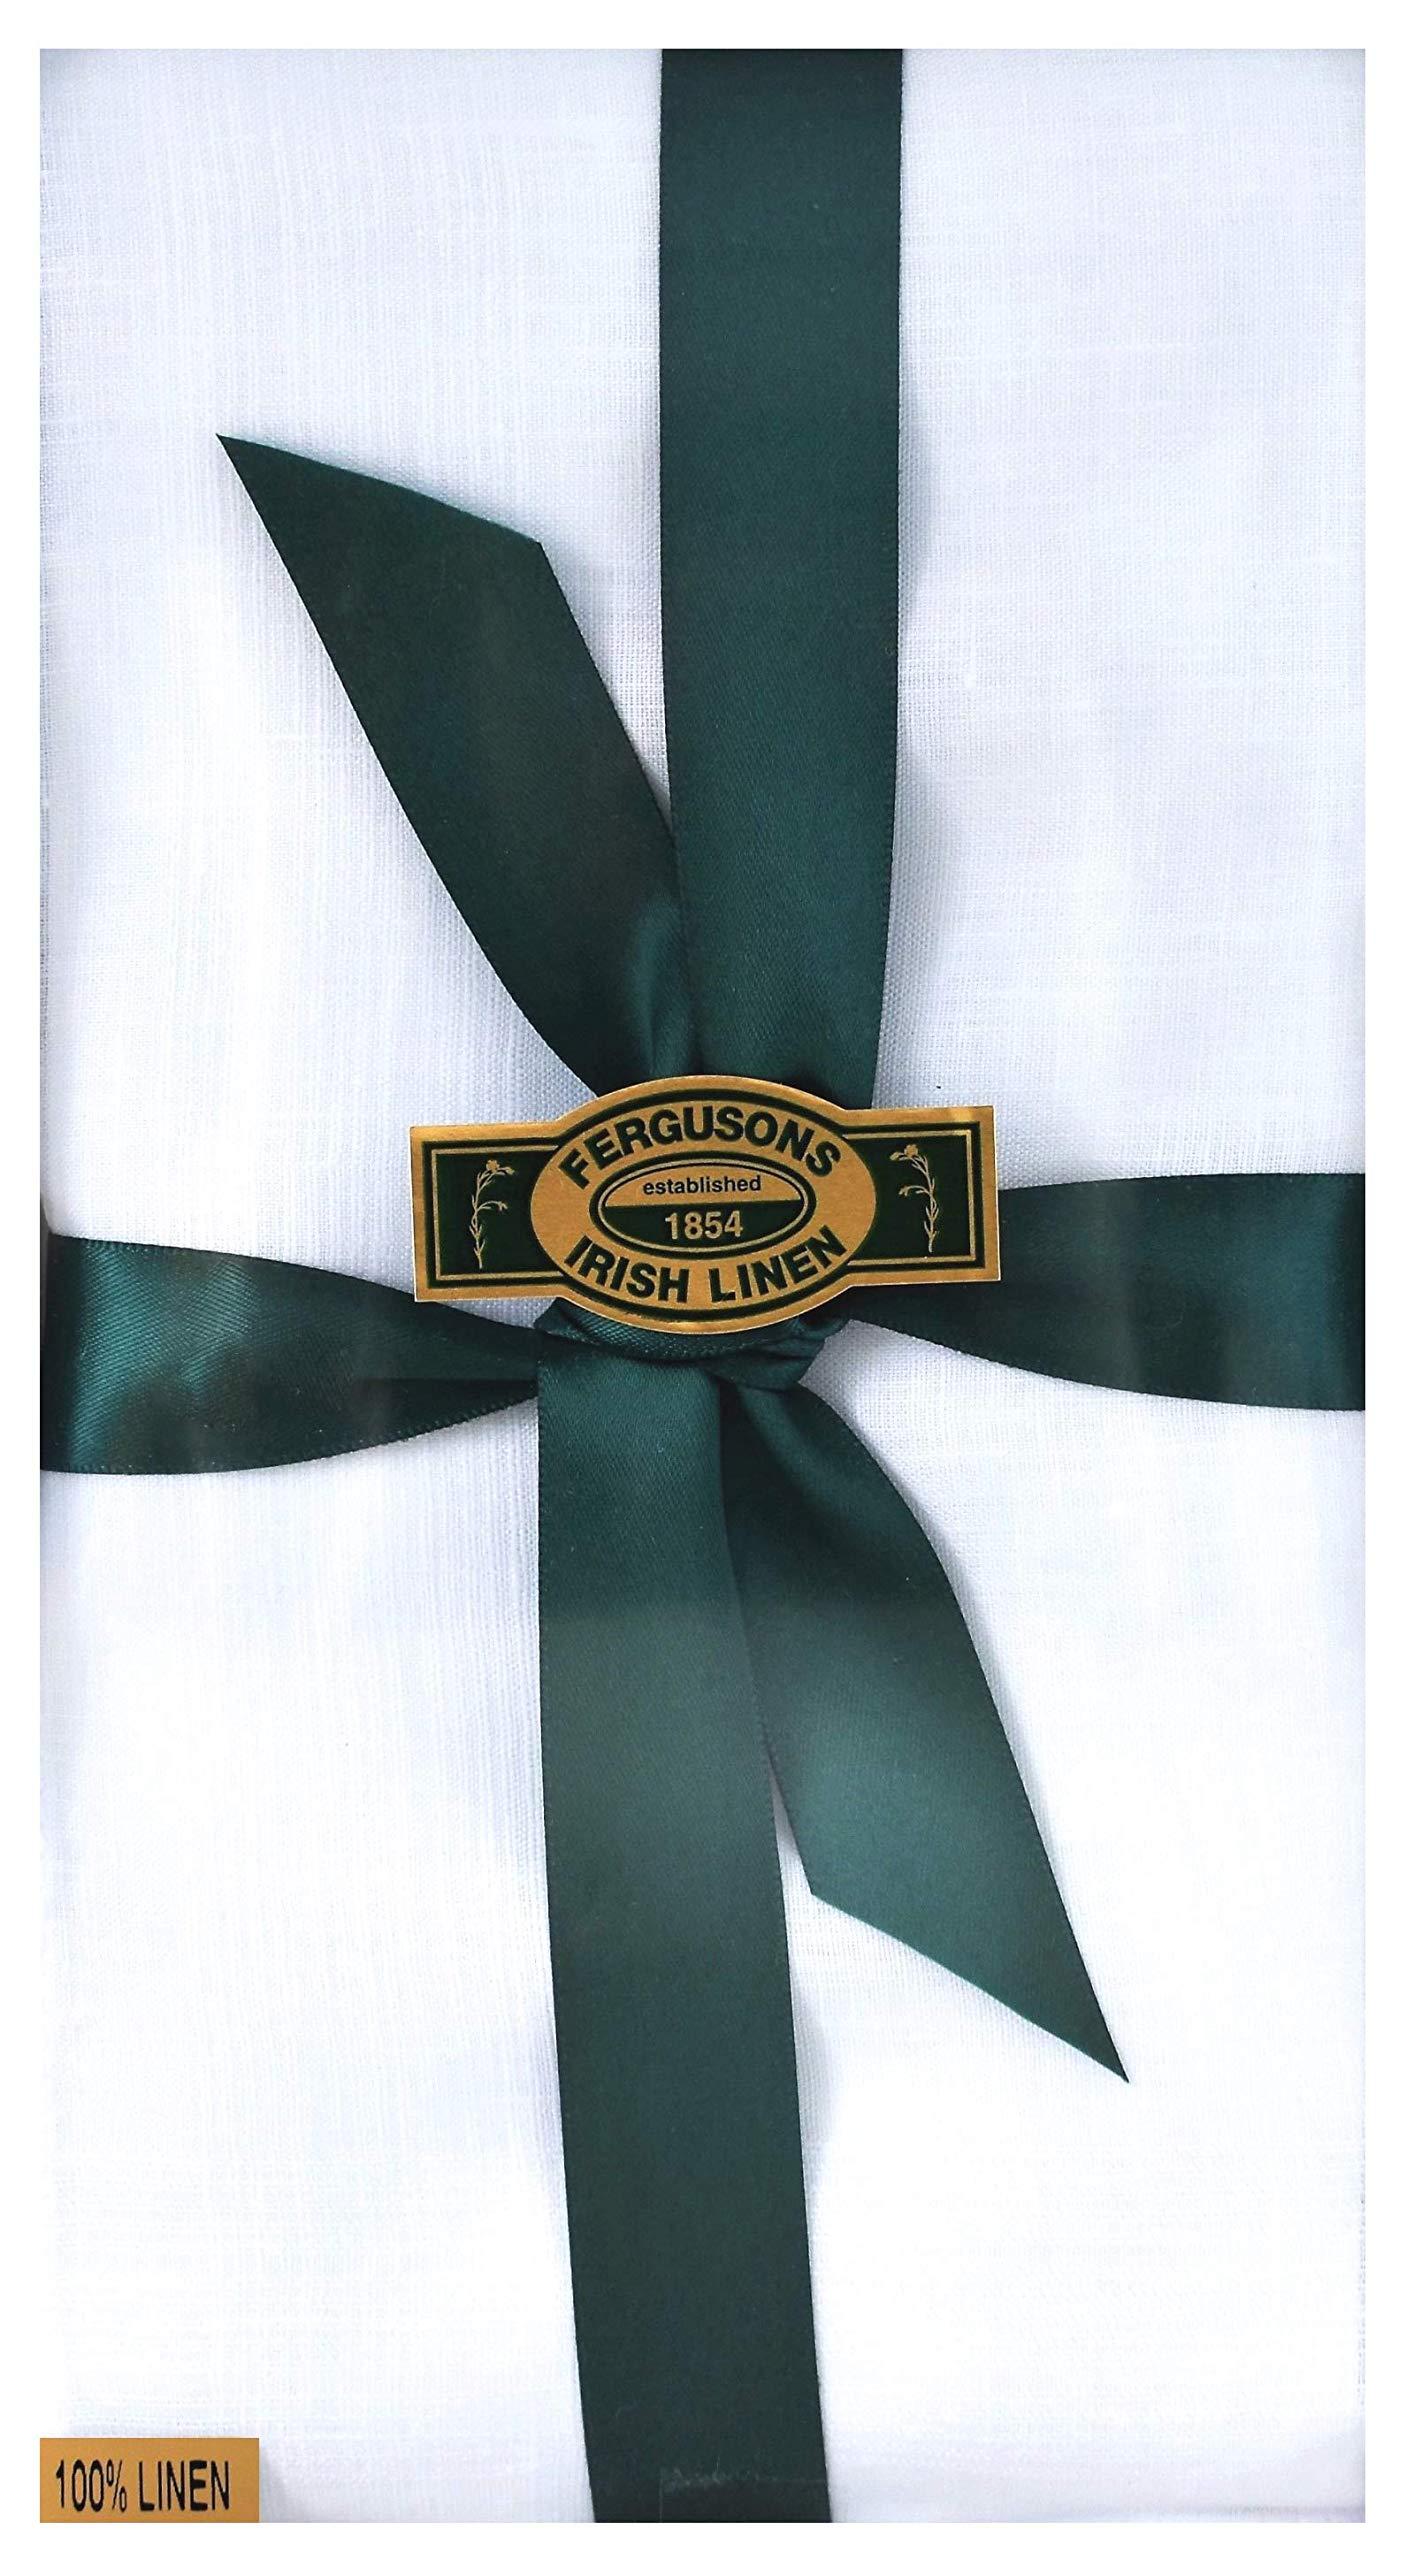 Thomas Ferguson - Gentlemen's Corded Irish Linen Handkerchief, BH176 White - Pack of 2 in Gift Box